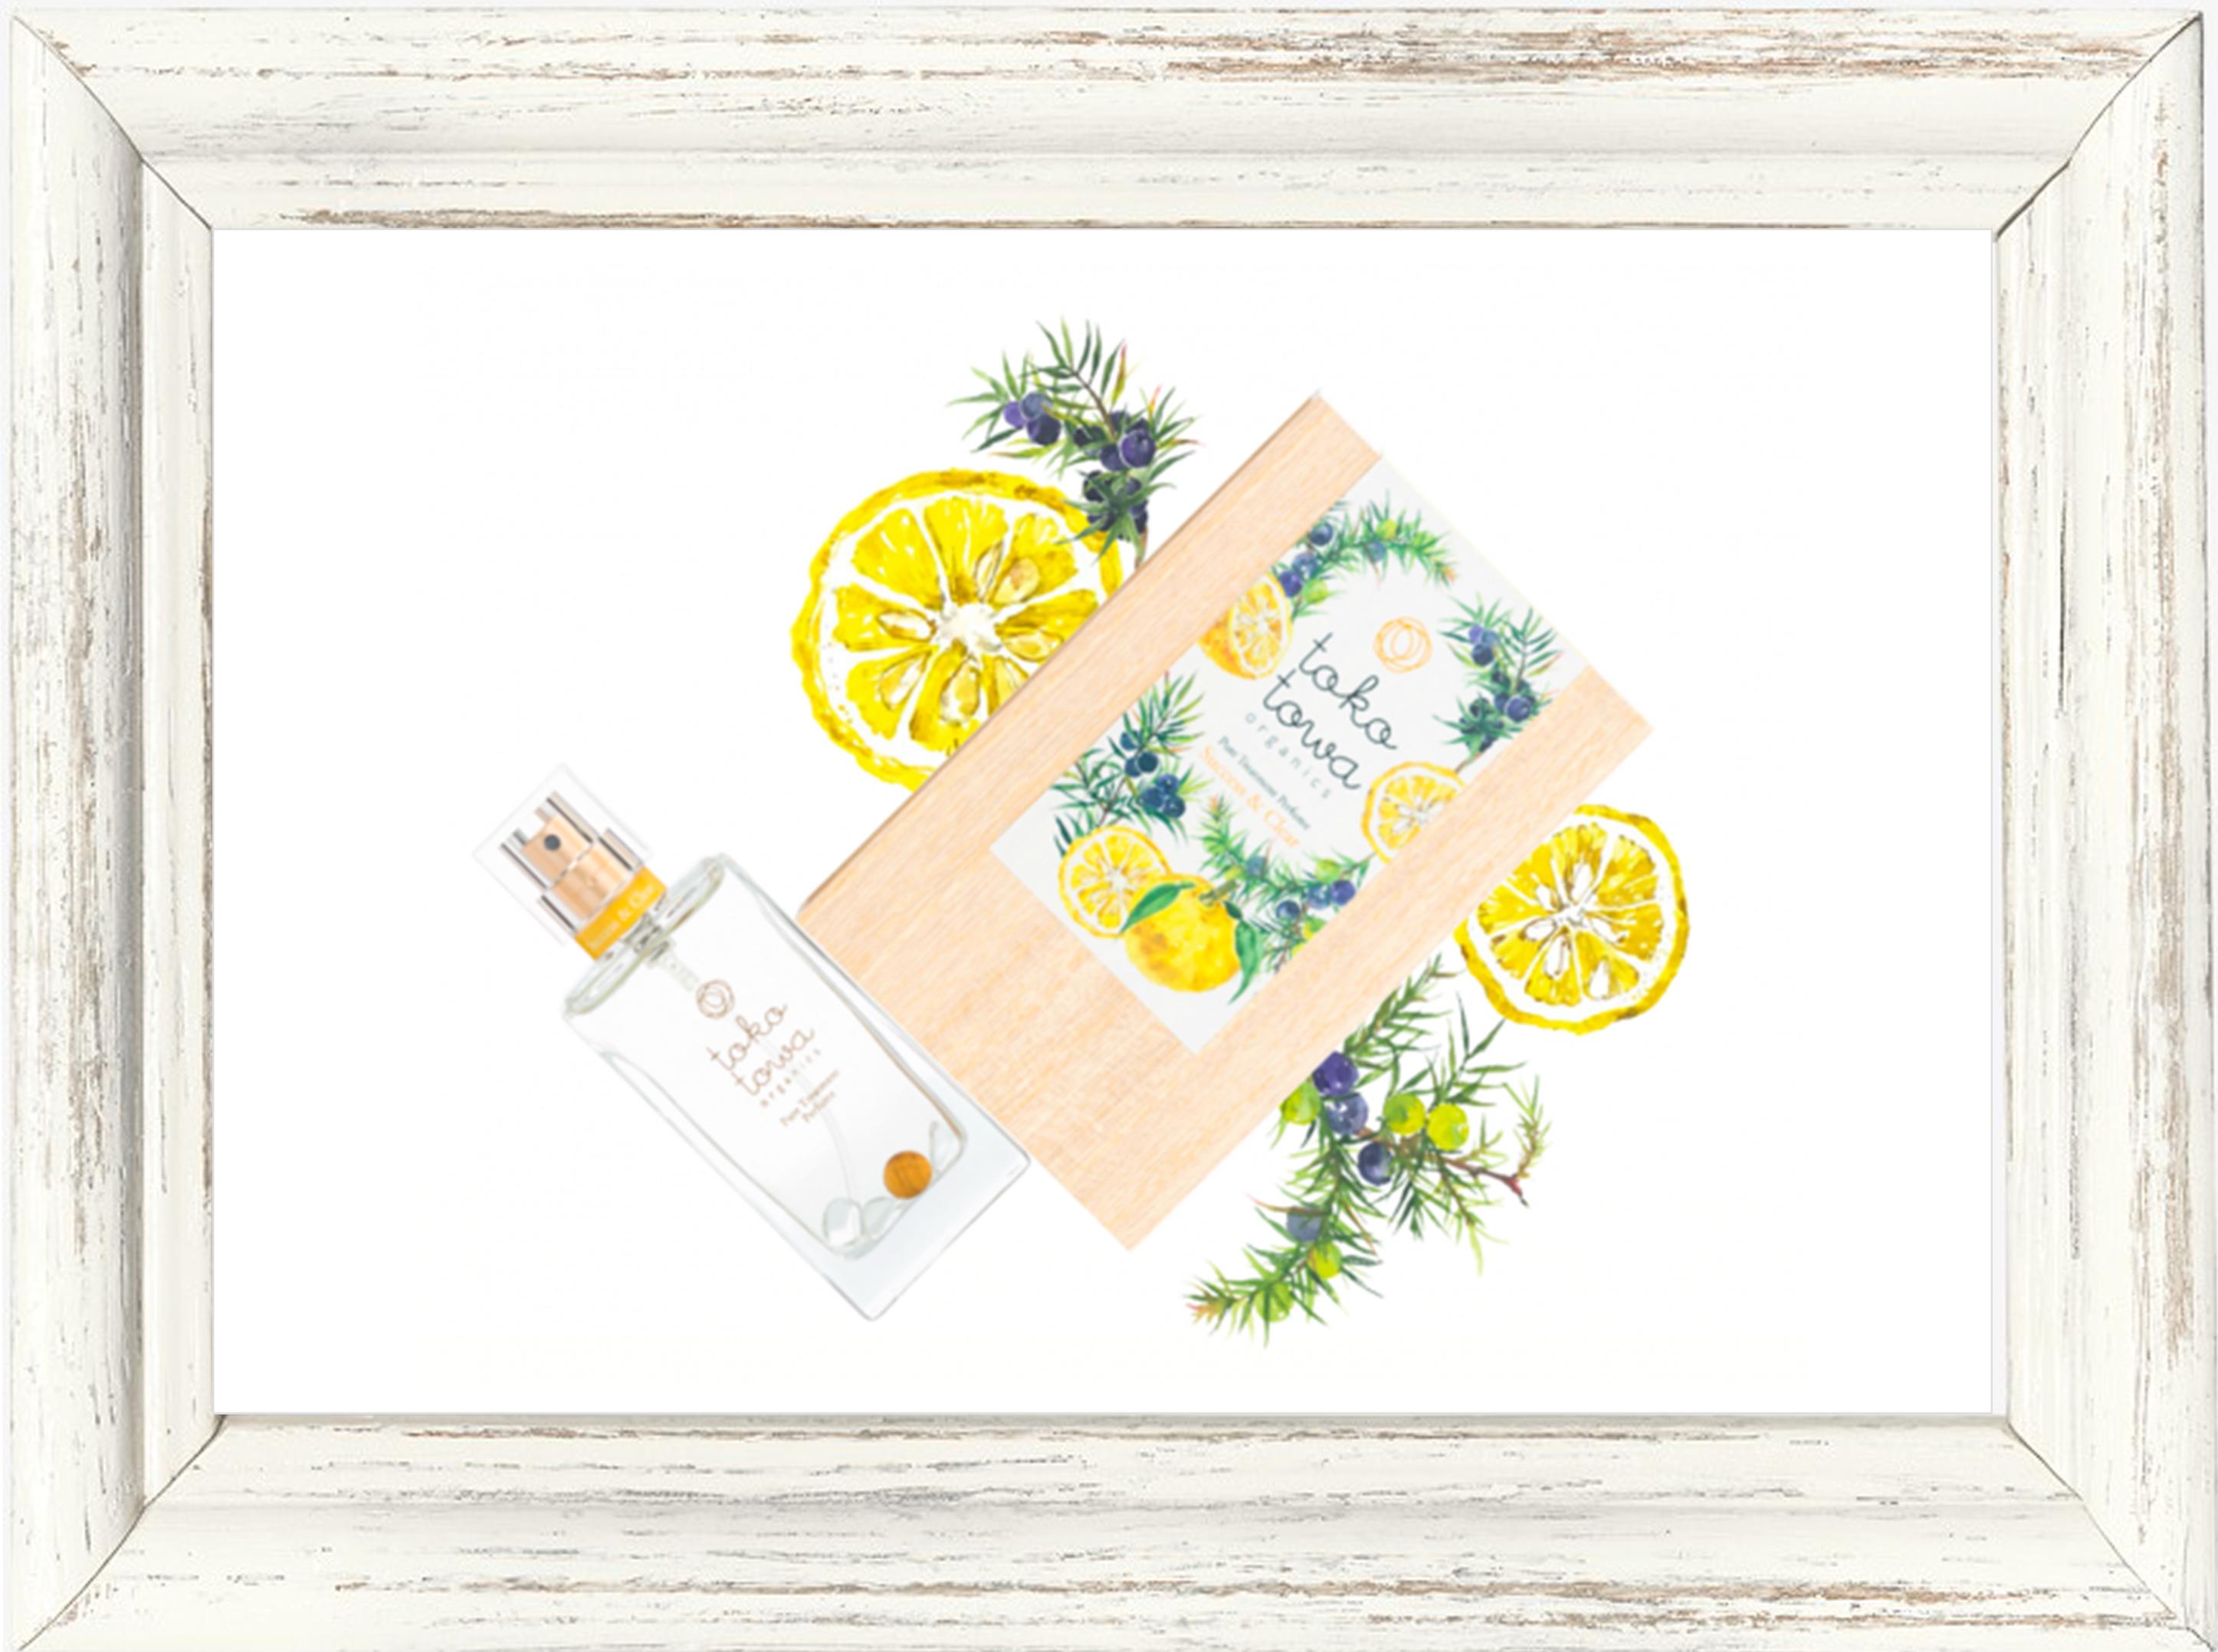 パフューム▶︎tokotowa organics サクセス&クリア(イエロー) 香水 25ml